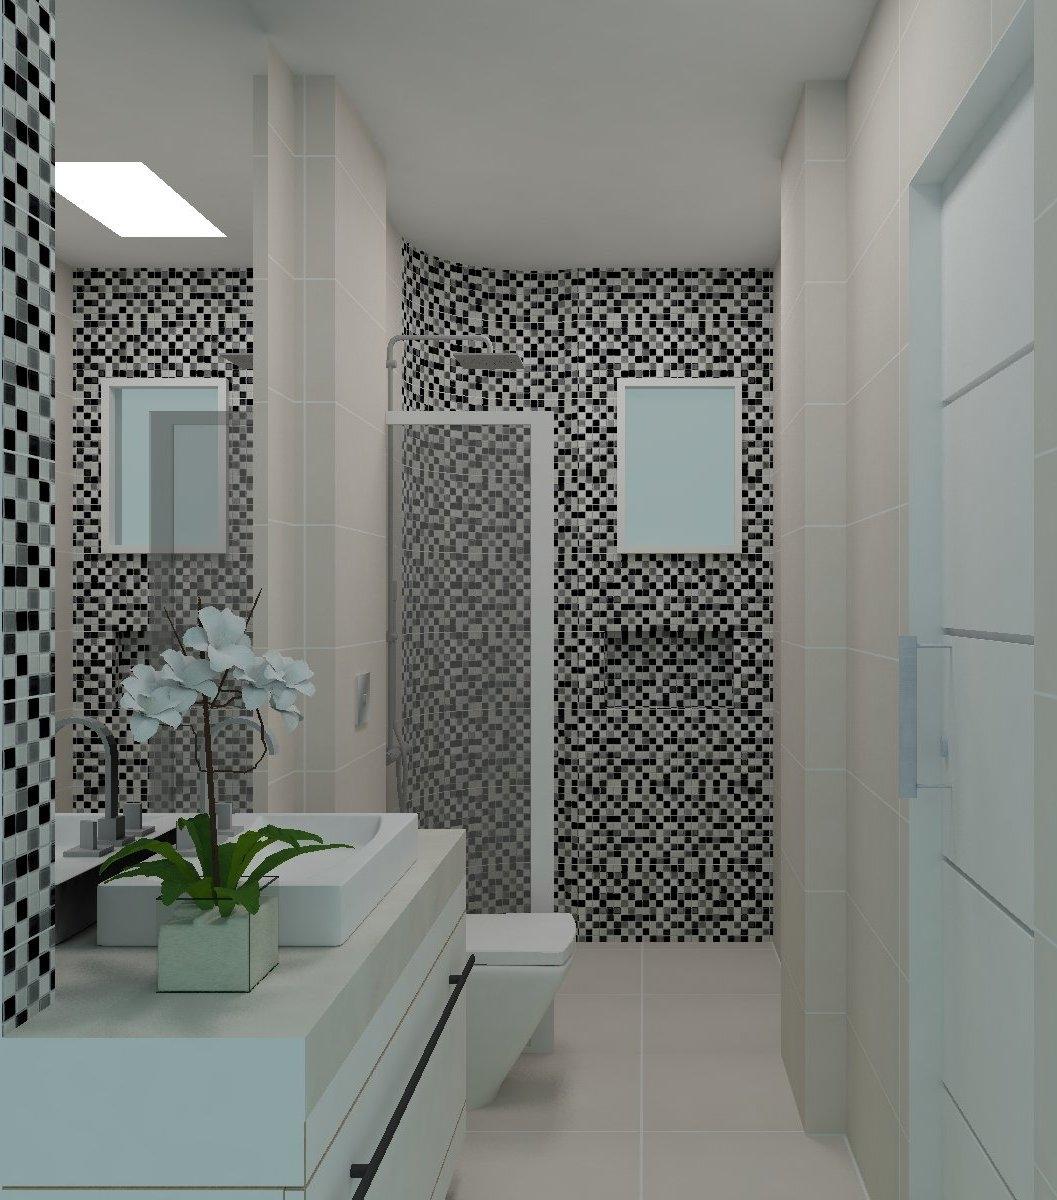 Vocês perceberam que as pastilhas amarelas não cobrem a parede toda  #5A6E71 1057x1200 Banheiro Branco Com Pastilhas Pretas